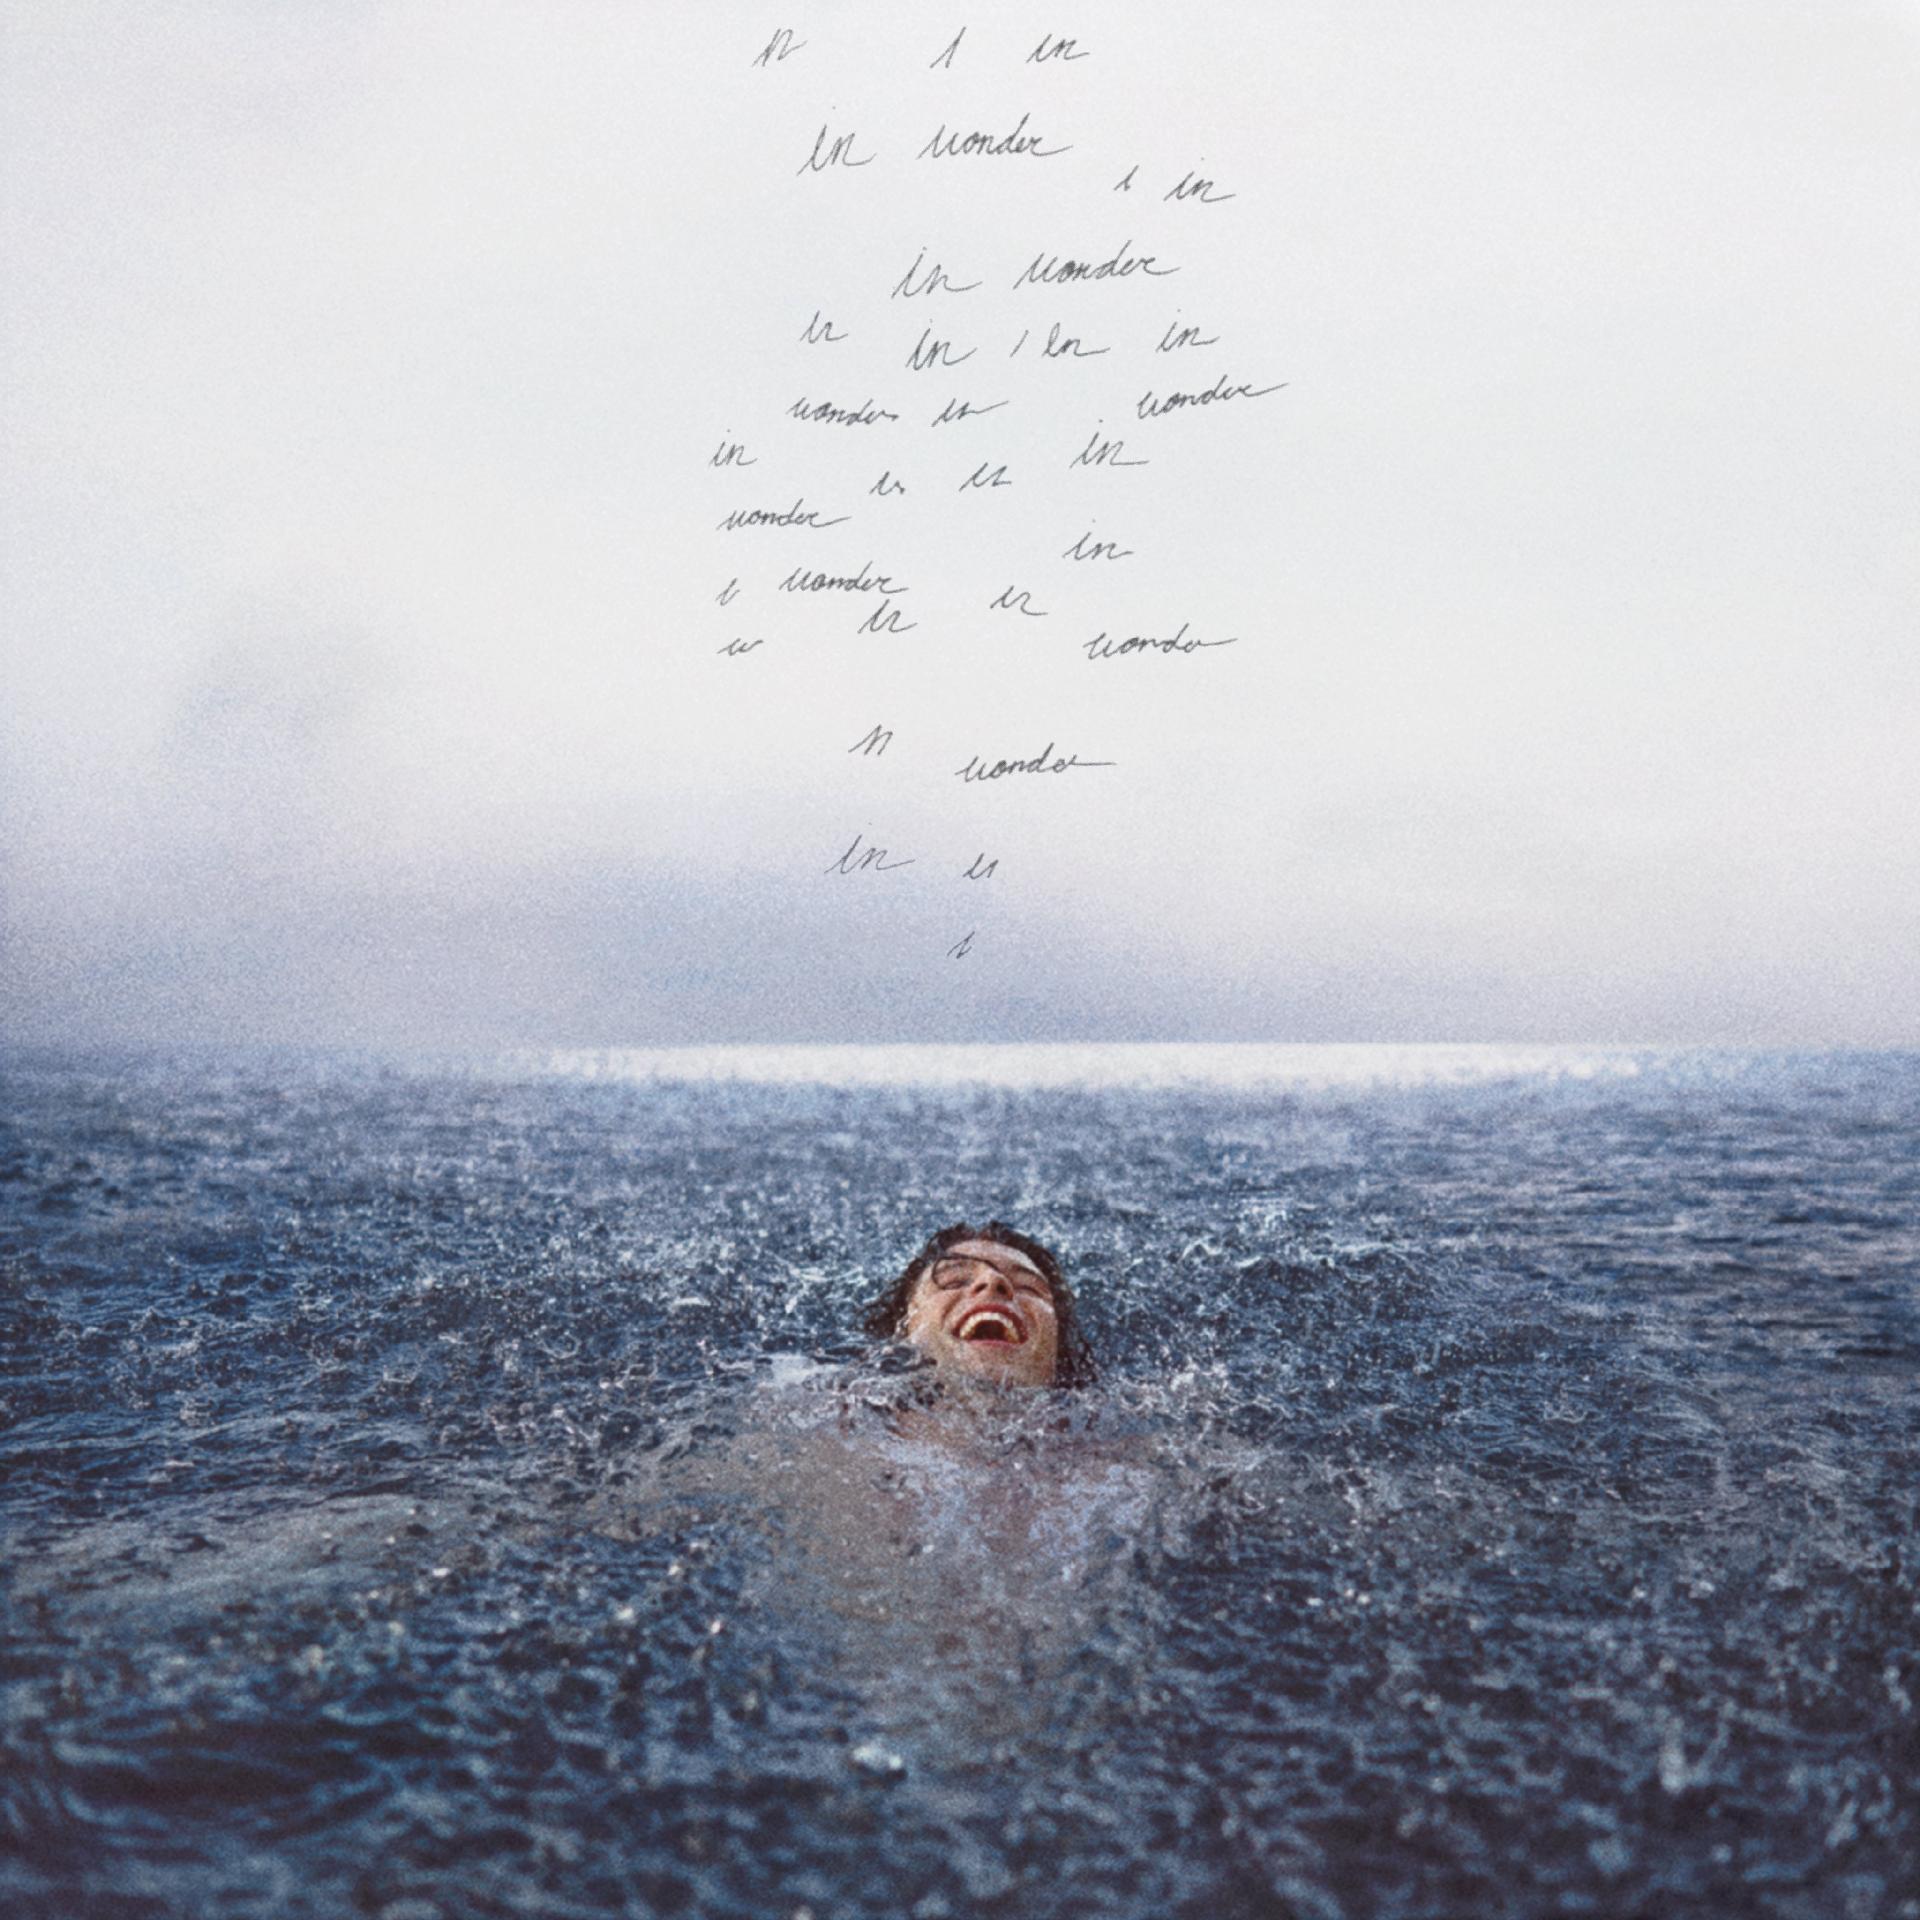 Capa do disco Wonder. Shawn Mendes está nadando e sorrindo, acima dele vemos escritos ilegíveis